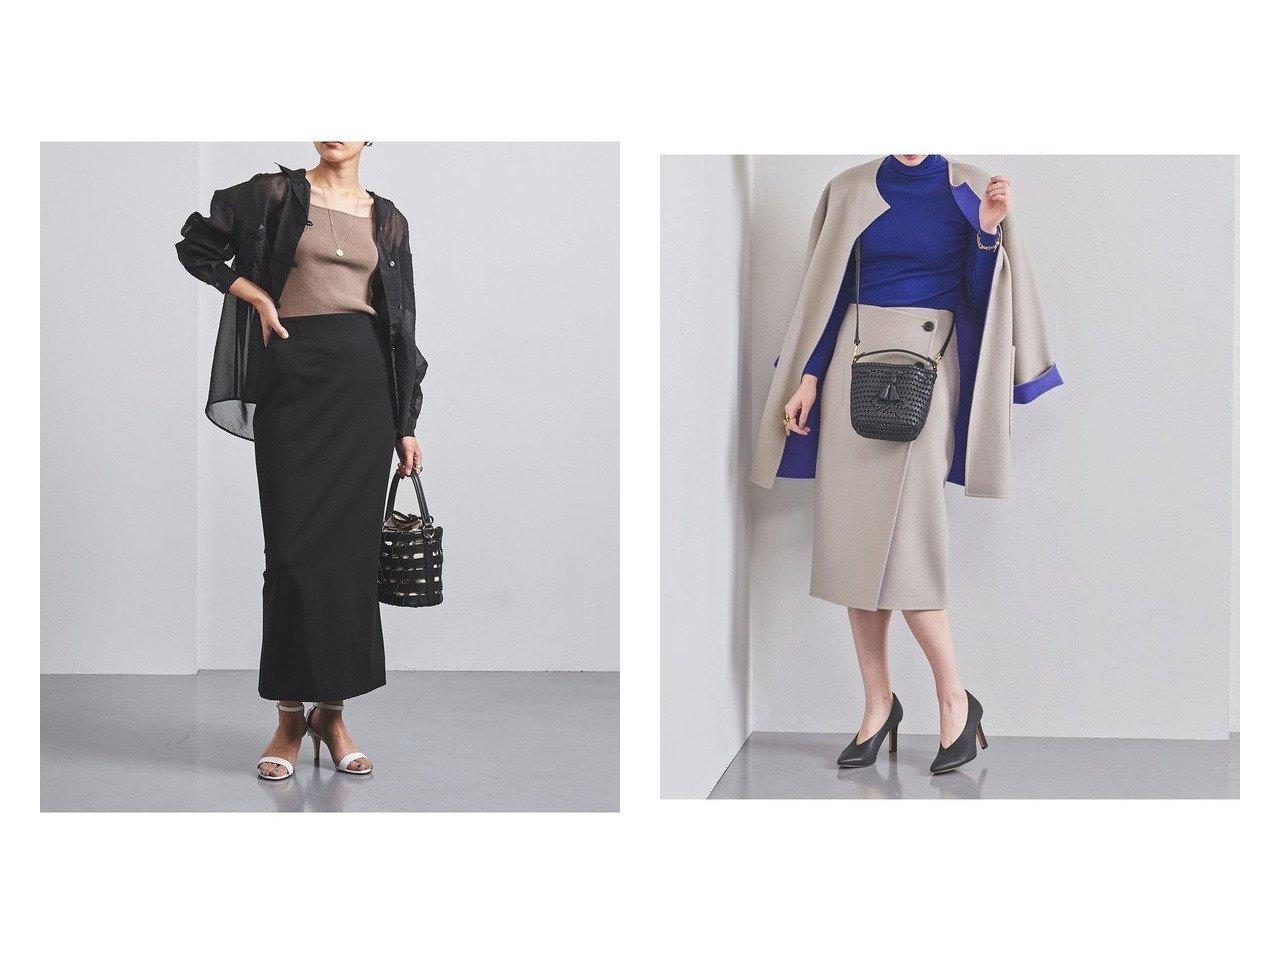 【UNITED ARROWS/ユナイテッドアローズ】のUBCB リバー バイカラー ラップスカート20AW†&UBCC PONTE ロング タイトスカート† スカートのおすすめ!人気、トレンド・レディースファッションの通販 おすすめで人気の流行・トレンド、ファッションの通販商品 メンズファッション・キッズファッション・インテリア・家具・レディースファッション・服の通販 founy(ファニー) https://founy.com/ ファッション Fashion レディースファッション WOMEN スカート Skirt 台形スカート Trapezoid Skirt ロングスカート Long Skirt 2020年 2020 2020-2021 秋冬 A/W AW Autumn/Winter / FW Fall-Winter 2020-2021 A/W 秋冬 AW Autumn/Winter / FW Fall-Winter セットアップ フロント ラップ リバーシブル 台形 NEW・新作・新着・新入荷 New Arrivals タイトスカート フィット マーメイド ロング 再入荷 Restock/Back in Stock/Re Arrival |ID:crp329100000011759